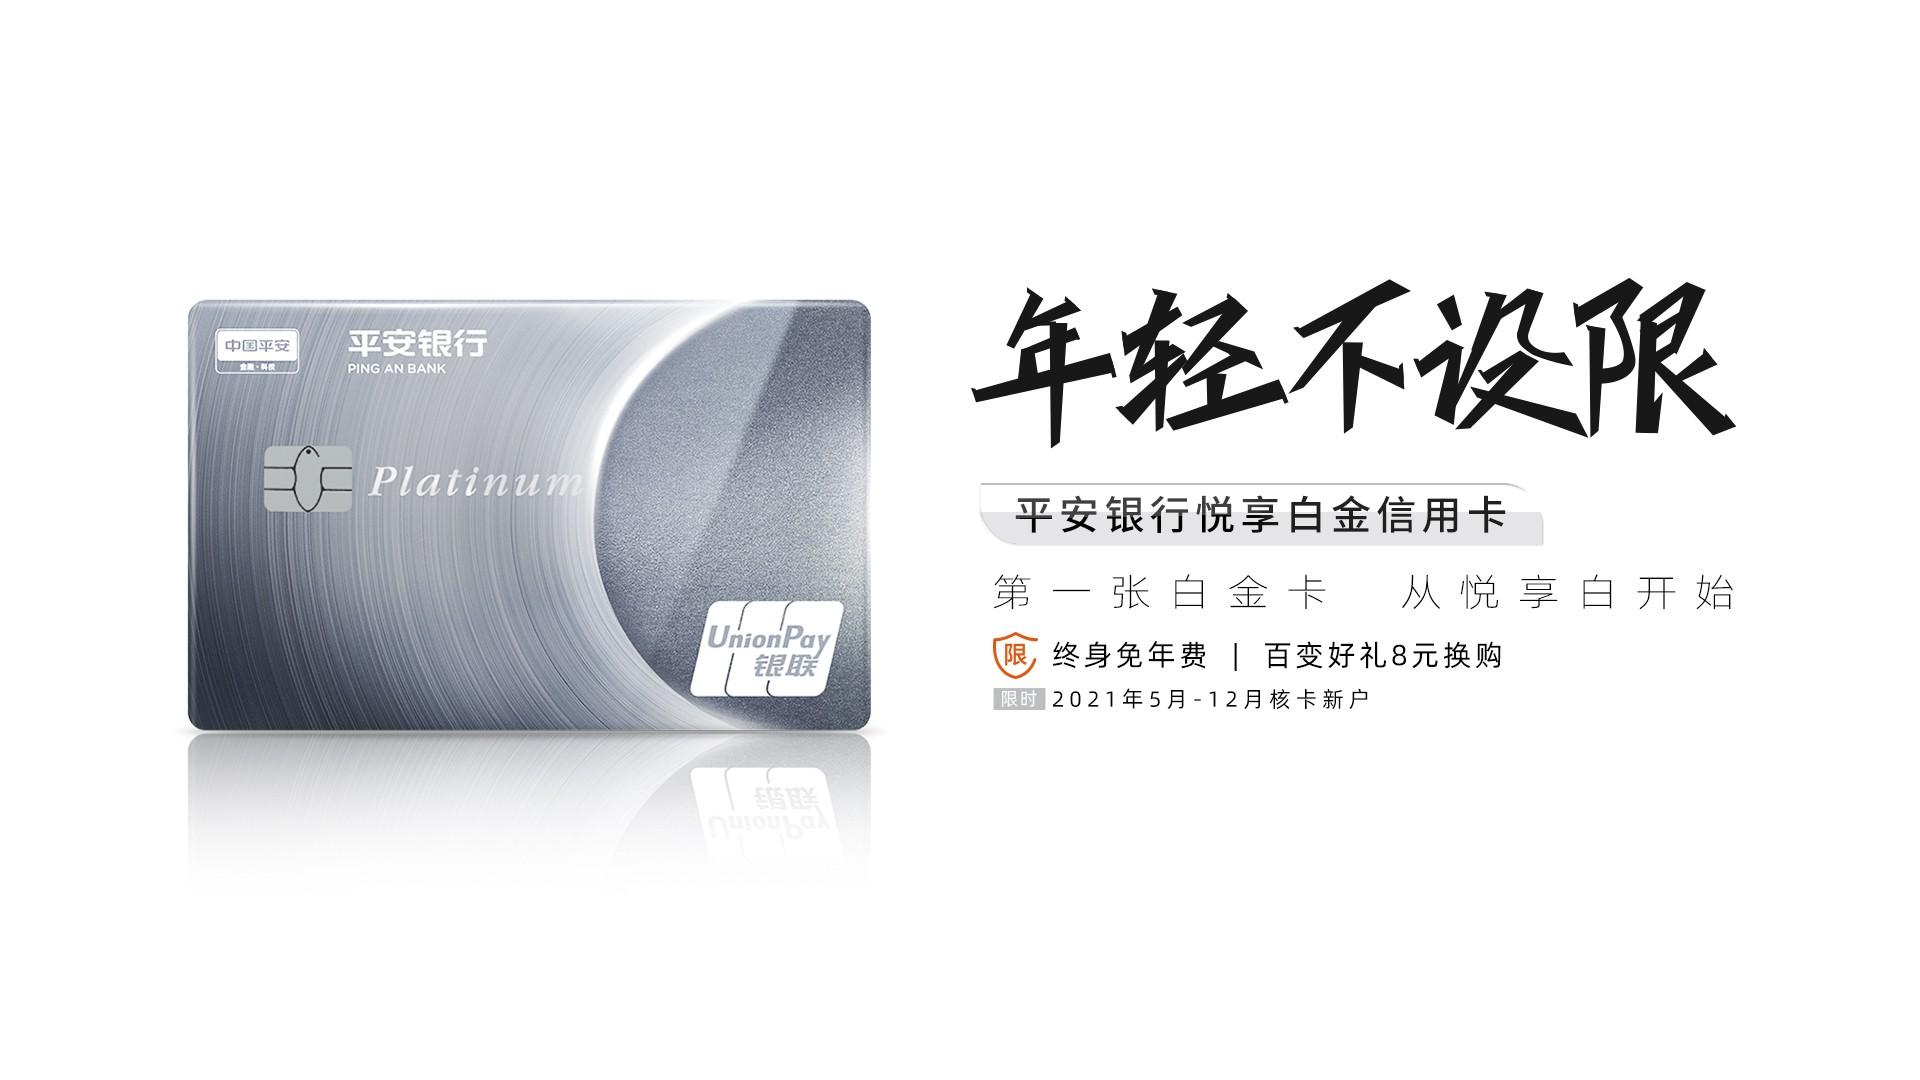 平安银行悦享白金信用卡新升级 百变8元换购让年轻生活不设限